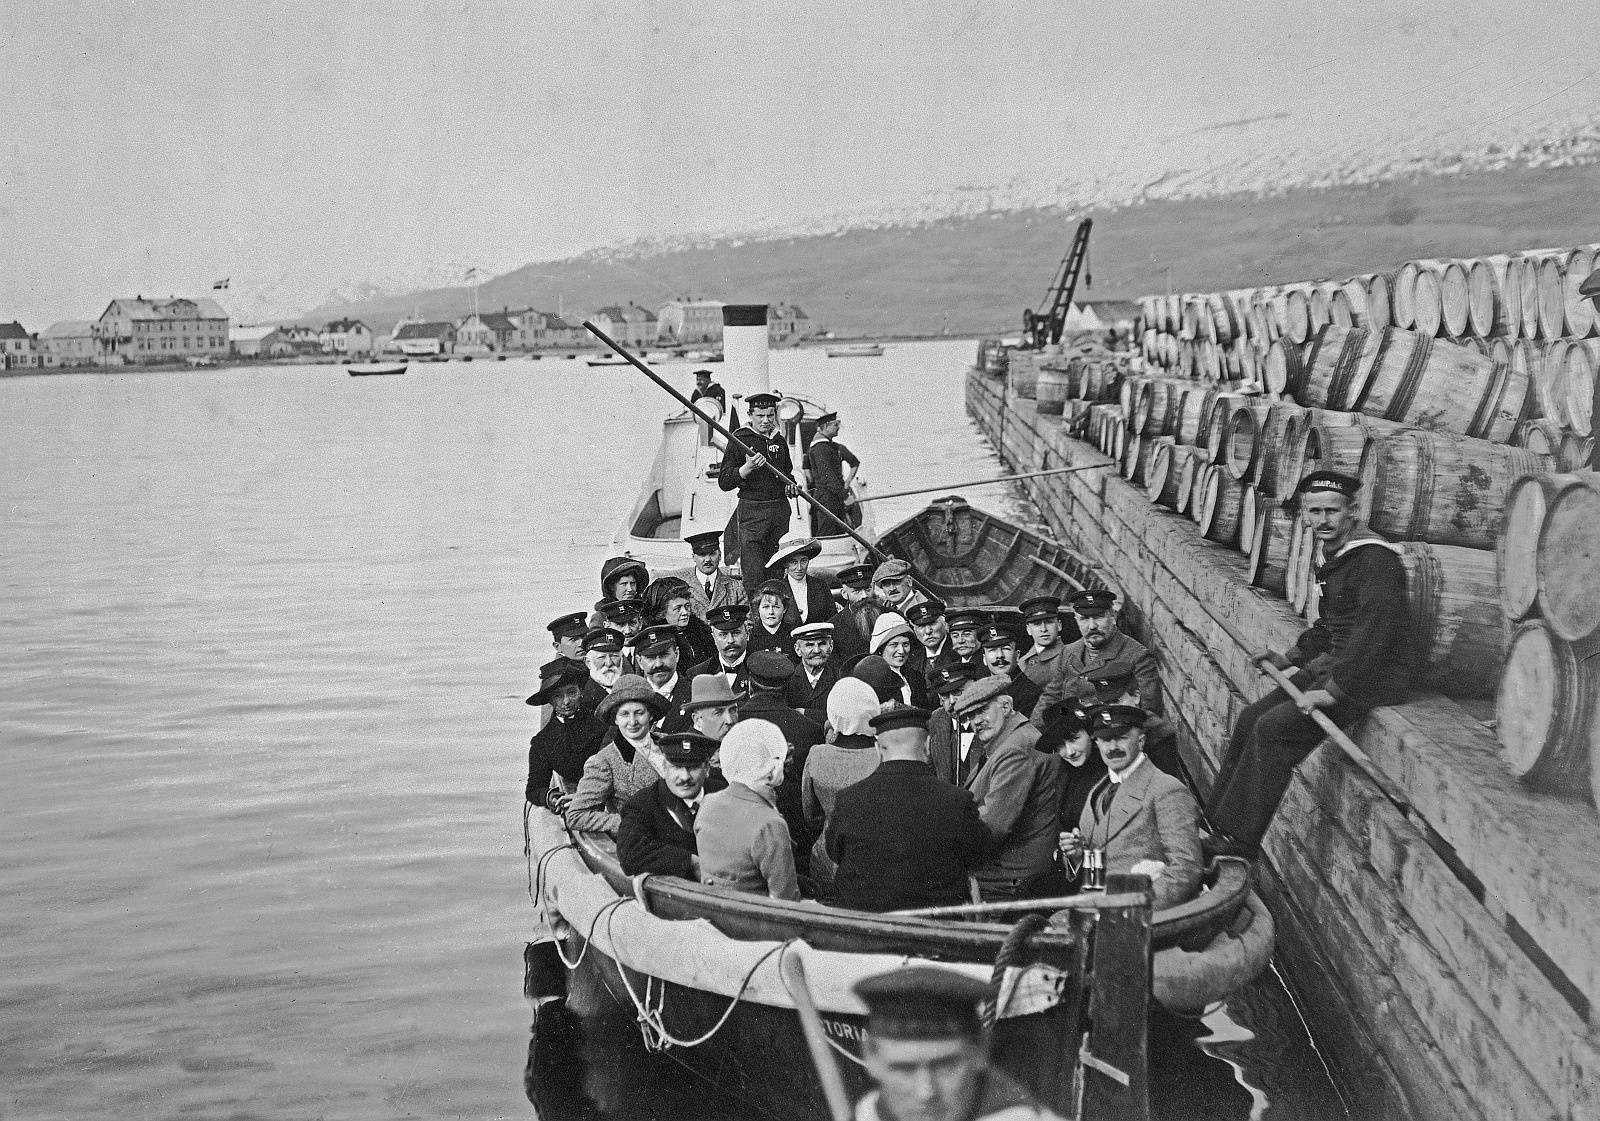 """Akureyri (Island). Hafen im Eyjafjord. Einbooten der Passagiere des Hochseepassagierdampfers """"Victoria Luise"""". Blick auf Beiboot und Barkasse (Dampfboot) am holzbeplankten Kai"""